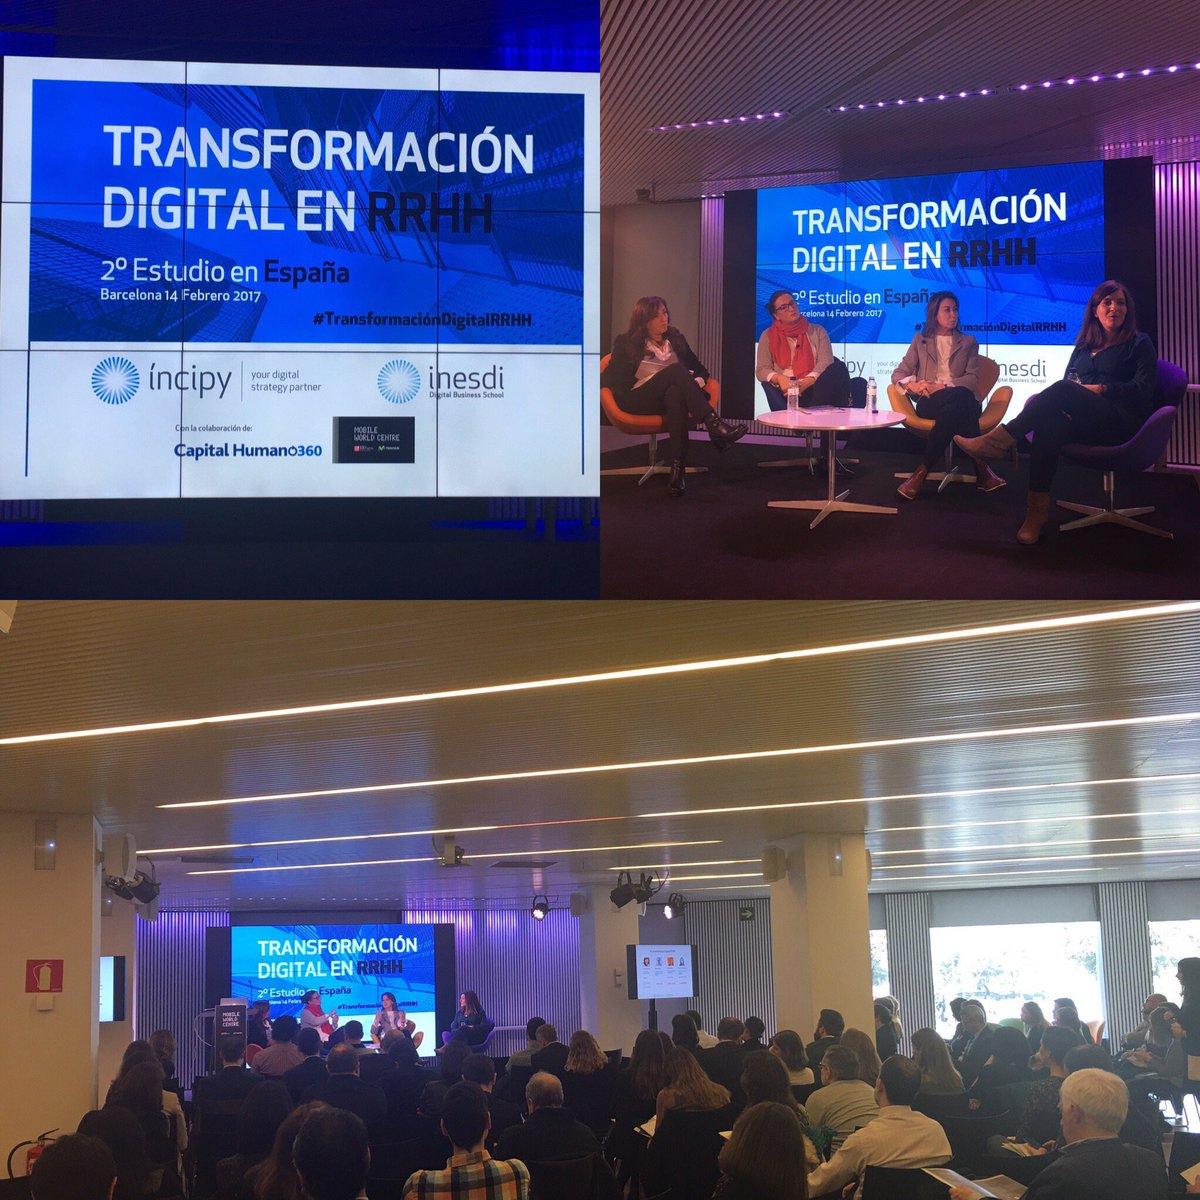 Gloria Ausió @ricohspain Maria Castellanos @AmplifonES y Maria Alsina #Inditex  Compartiendo proyectos de #transformaciondigitalRRHH<br>http://pic.twitter.com/nPxSOOXteK